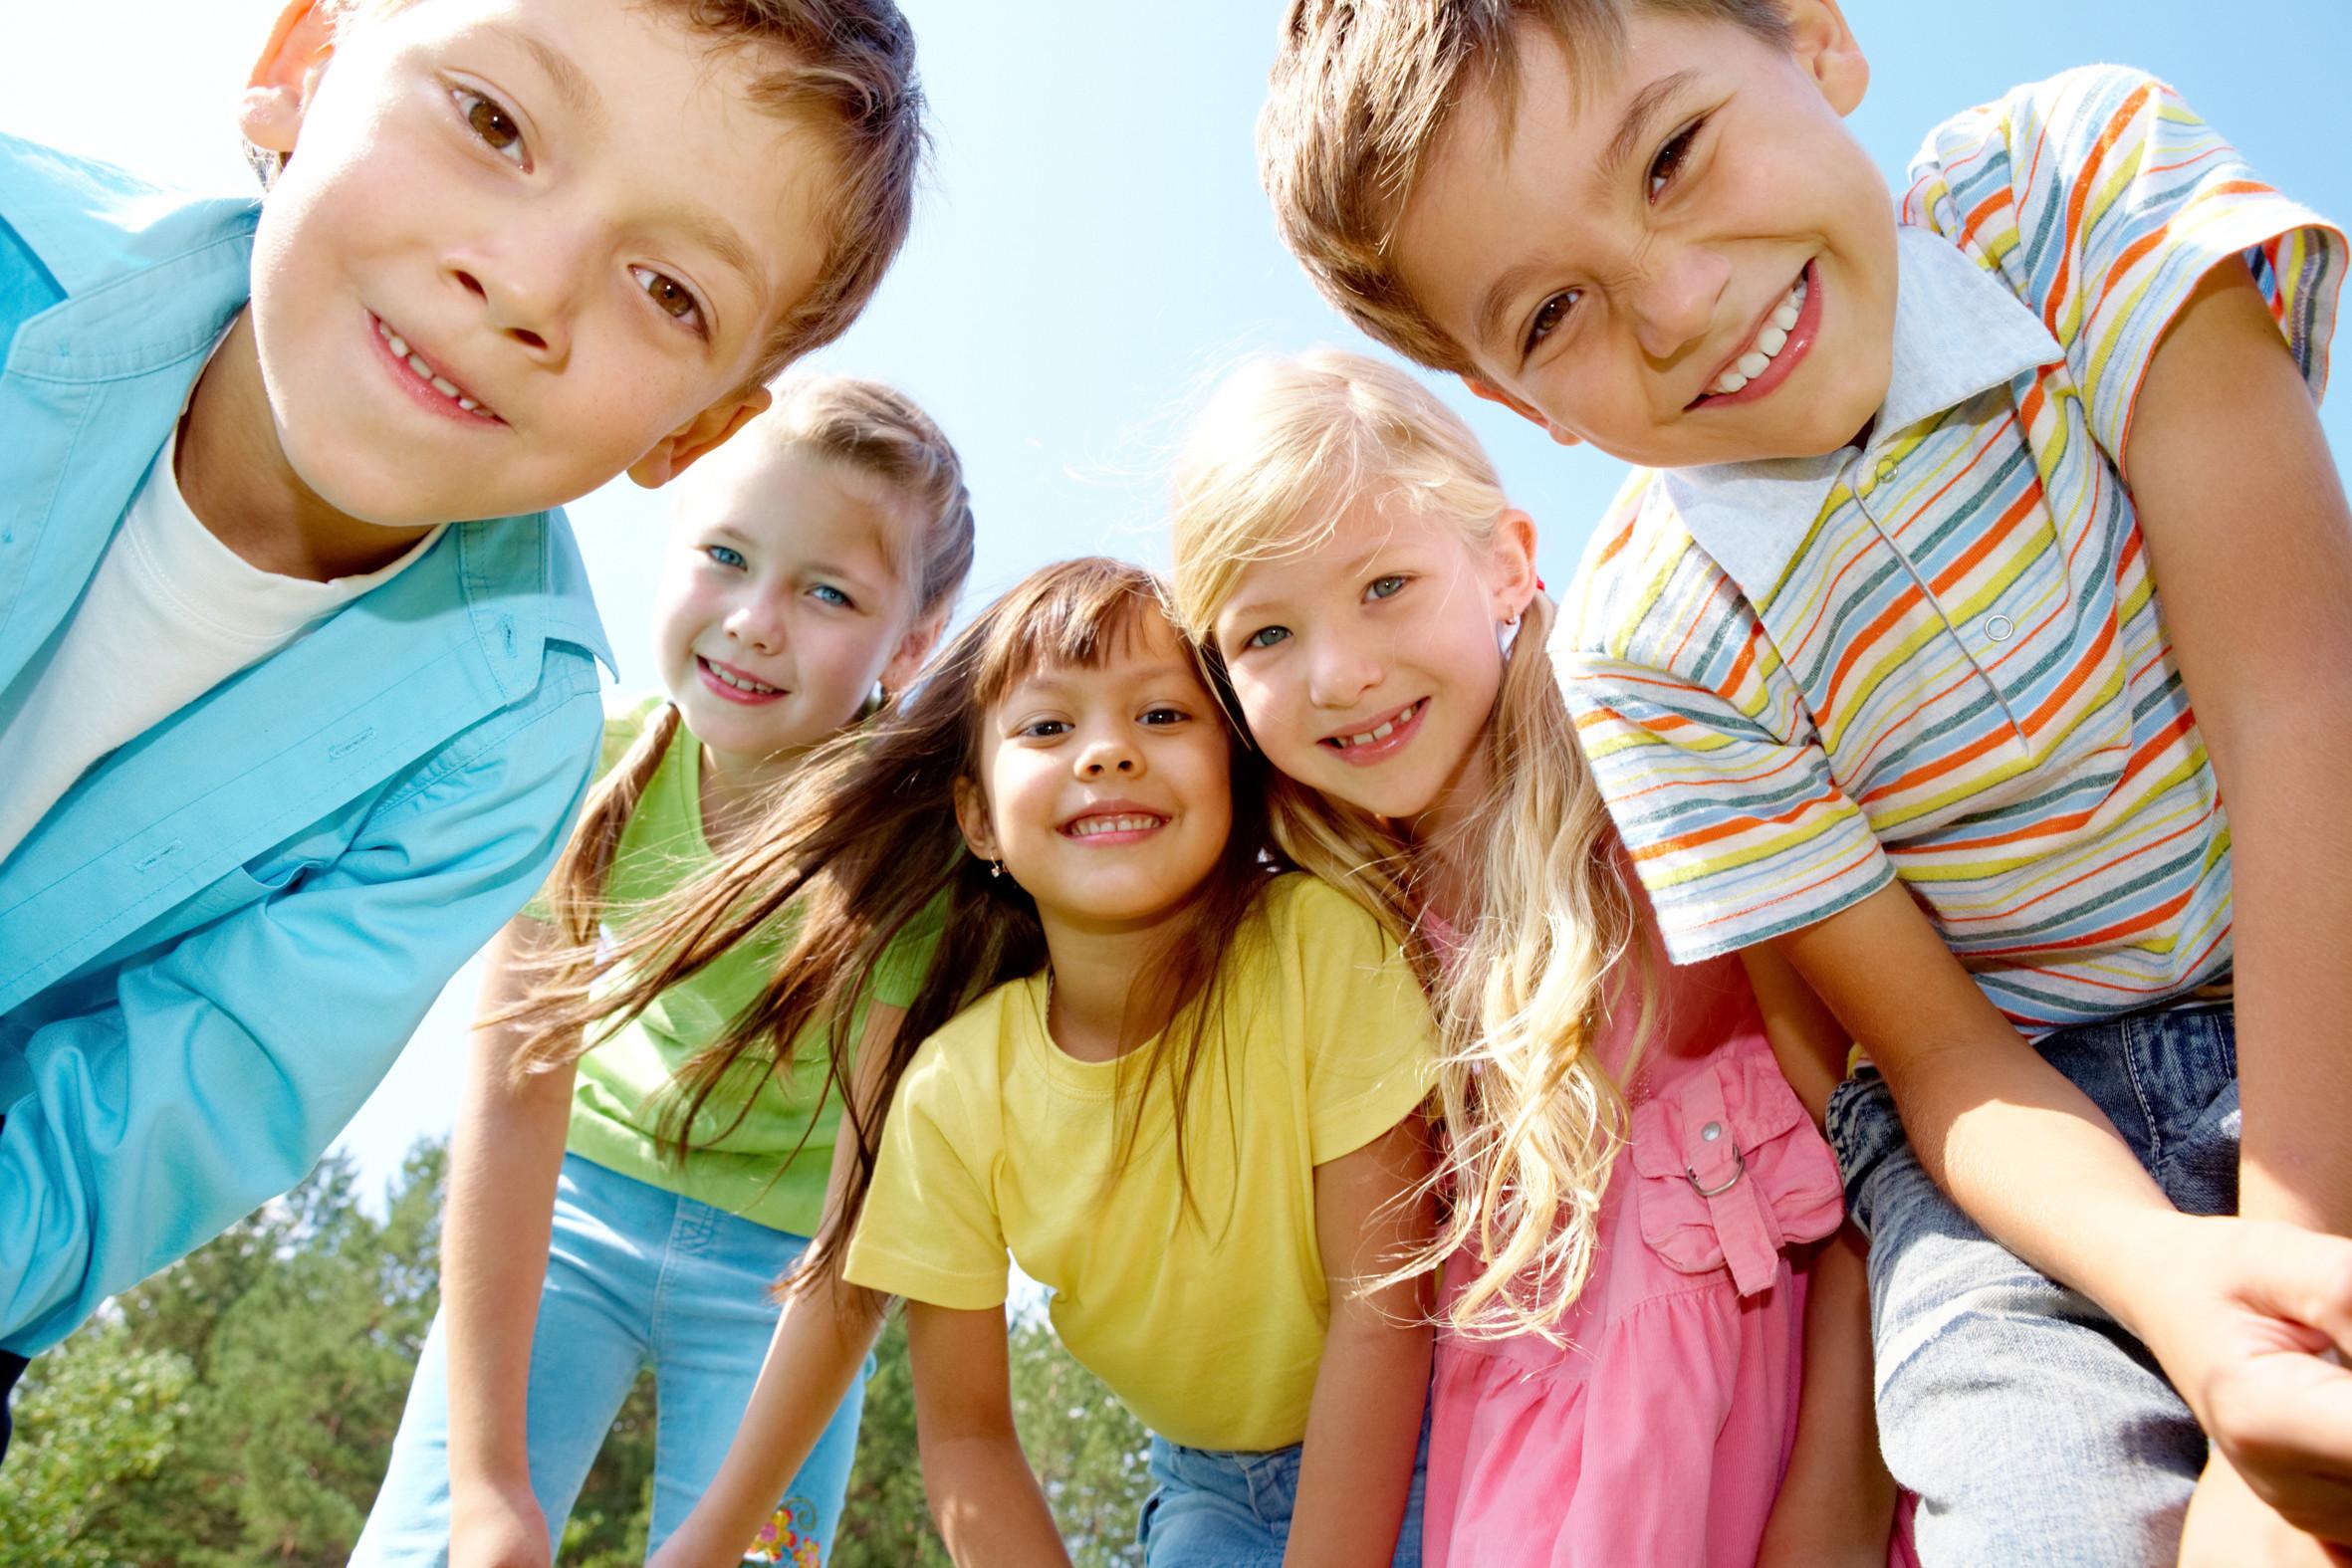 Развивающаяуслуга психолога онлайн для детей 5-6 лет «Все стороны моей фантазии»